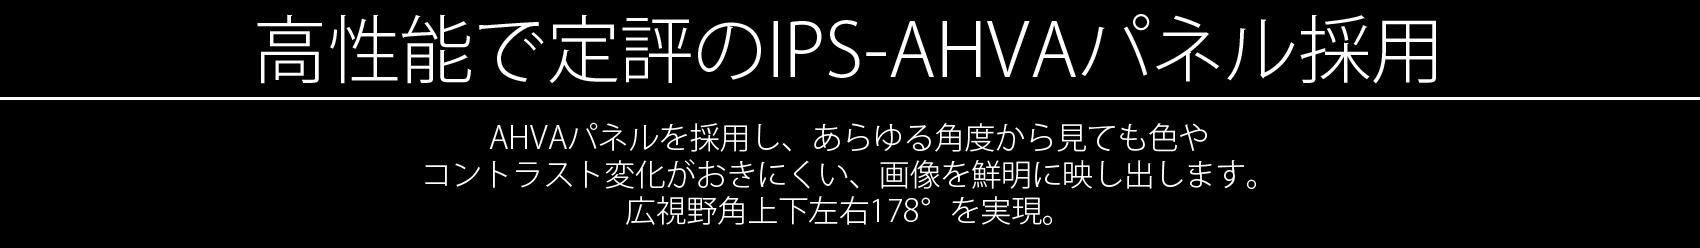 高性能で定評のIPS-AHVAパネル採用。IPS-AHVAパネルを採用し、あらゆる角度から見ても色やコントラスト変化がおきにくい、画像を鮮明に映し出します。広視野角上下左右178°を実現。IPS-AHVAパネル。標準的な TN パネルと異なり、画像を鮮やかな色彩でくっきりと表示します。IPS-AHVA 広視野角 3840x2160pixels UHD 4Kパネル 178°解像度。srgb 100%